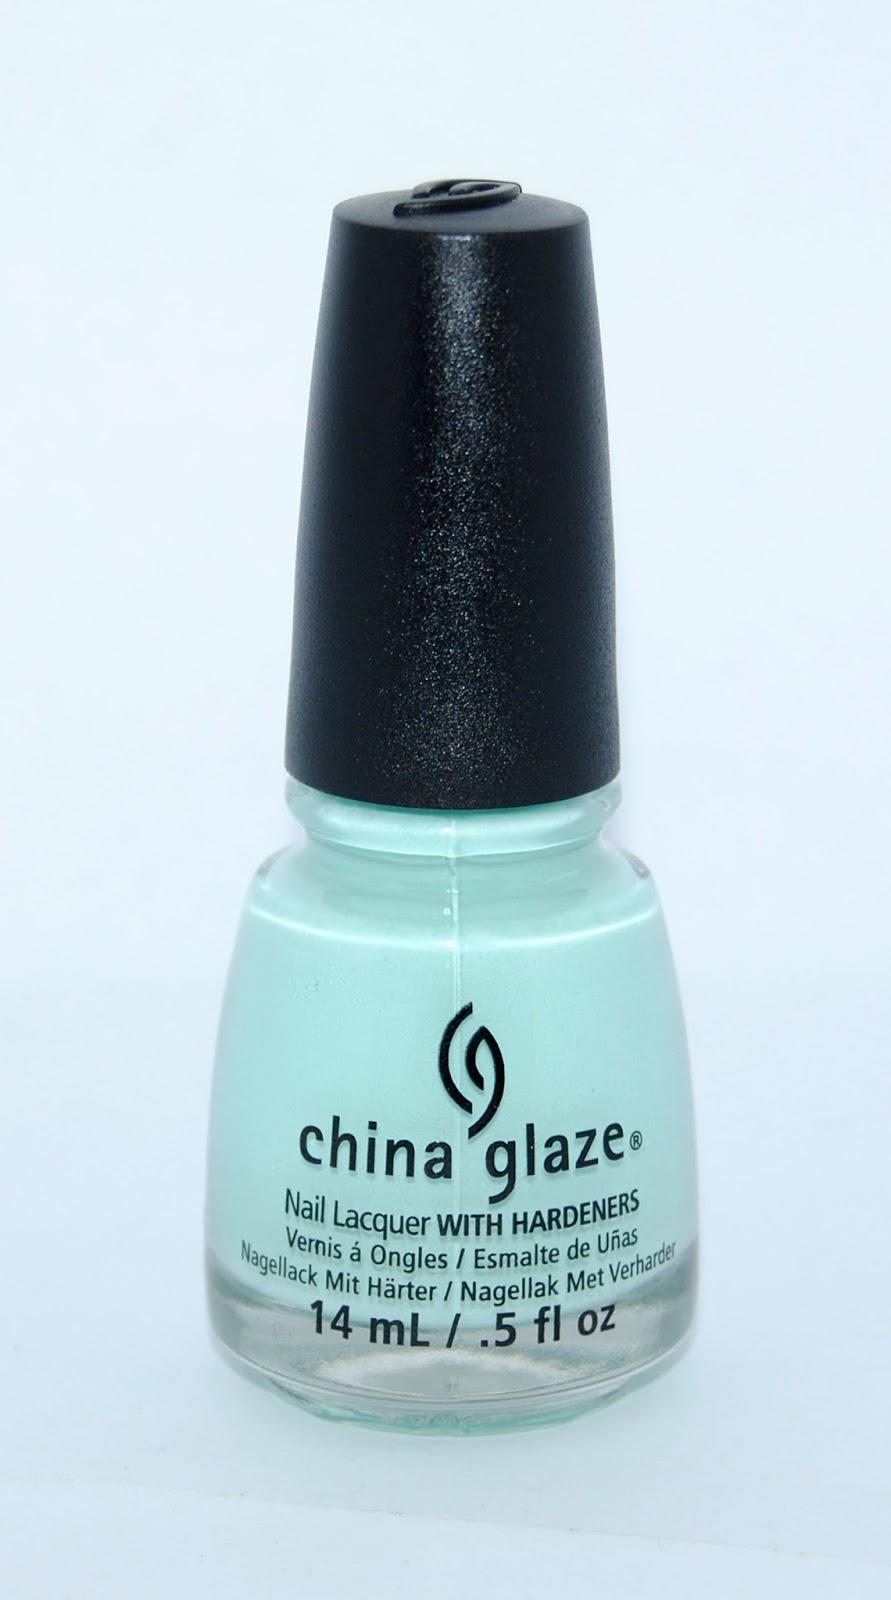 China Glaze At vase value